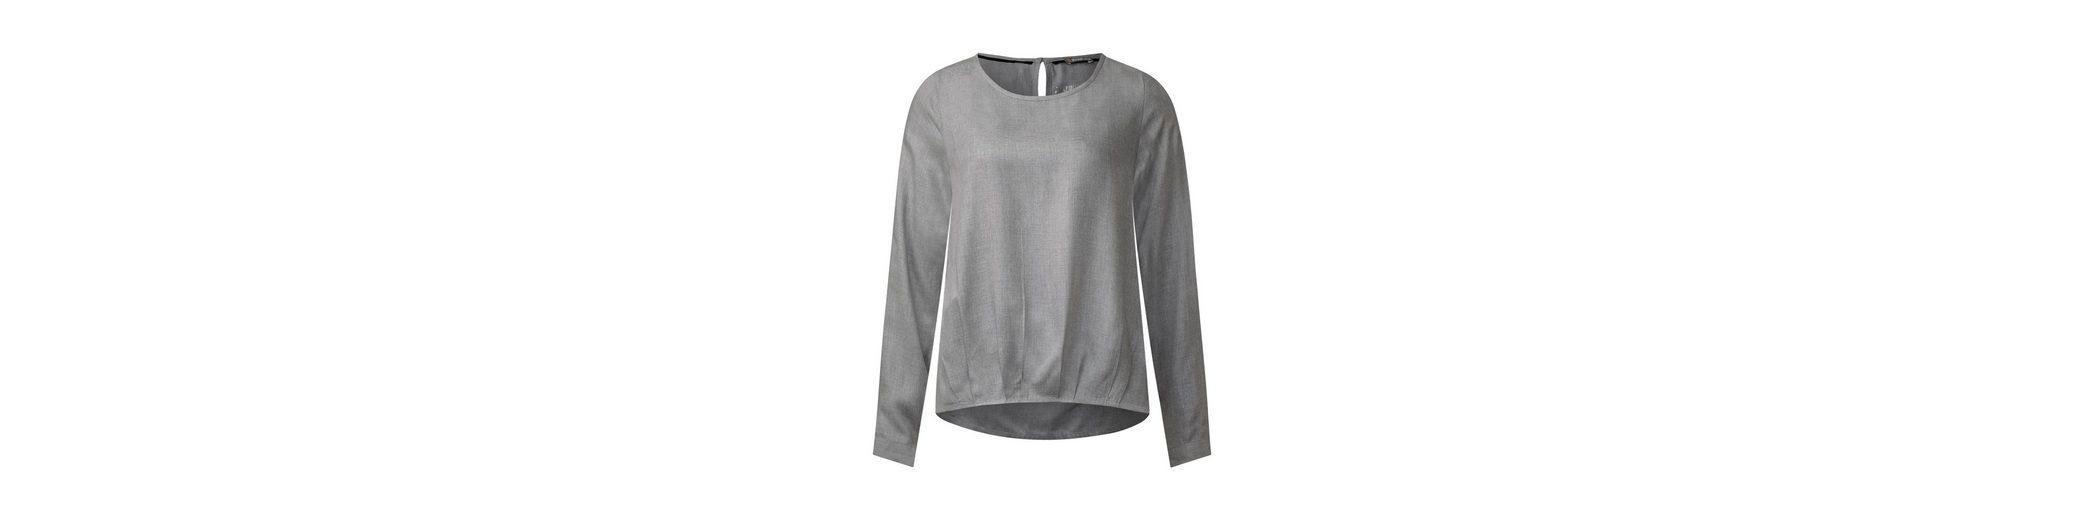 Street One Melange Bluse mit Faltensaum Für Freies Verschiffen Verkauf Spielraum Bester Ort Beste Angebote HCgmqD8